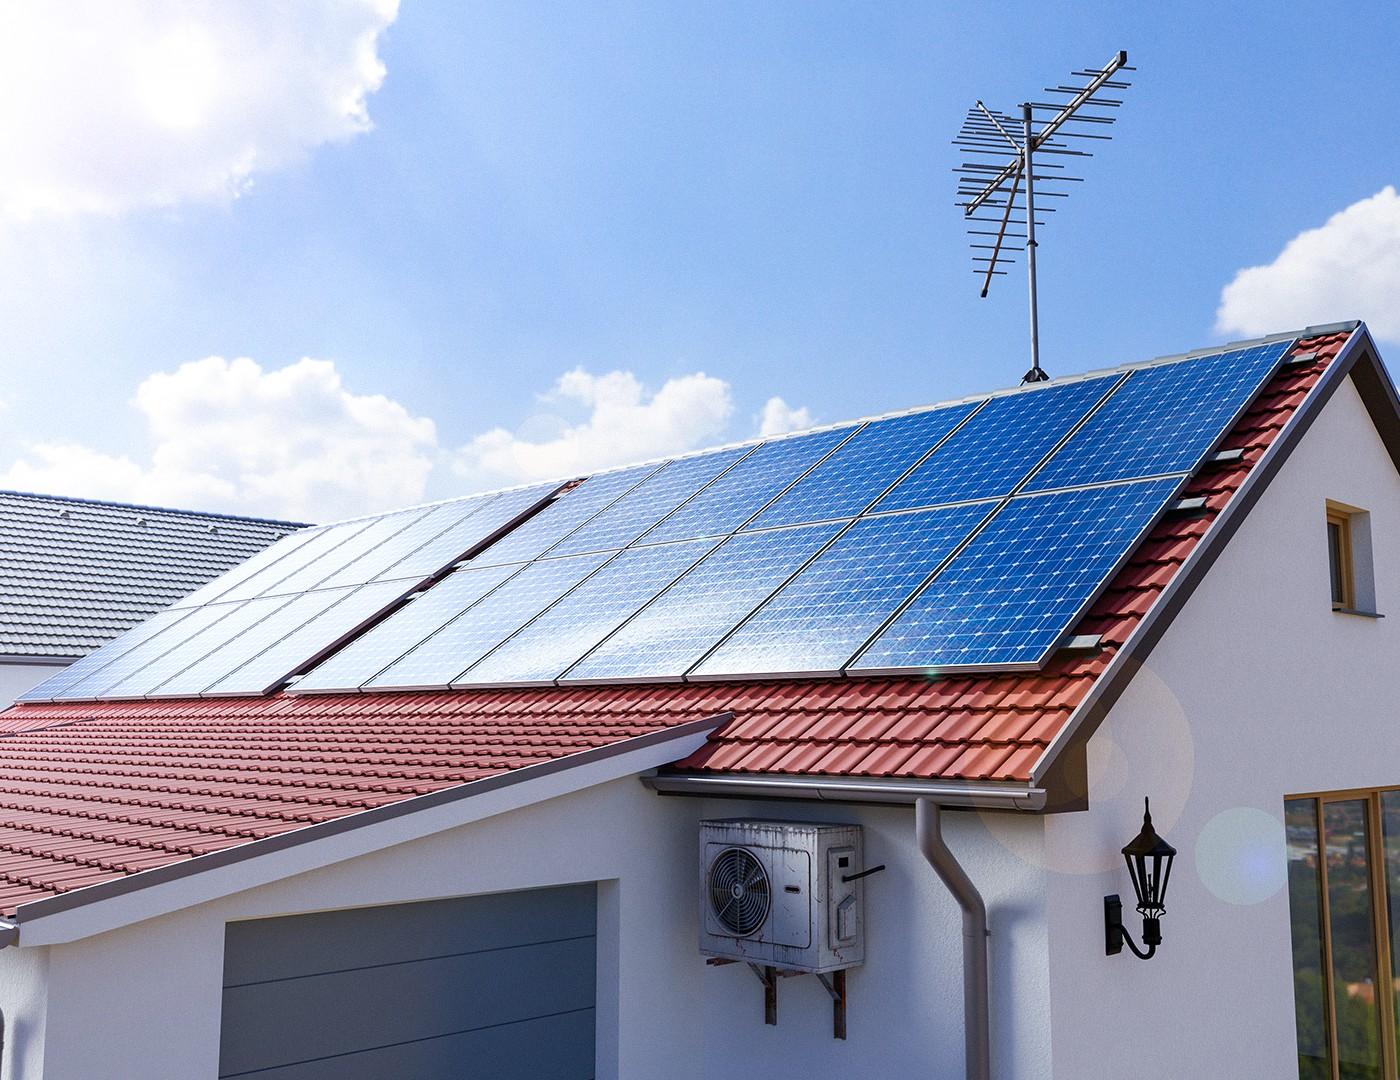 Brasil atinge a marca de 600 mil sistemas de energia solar instalados